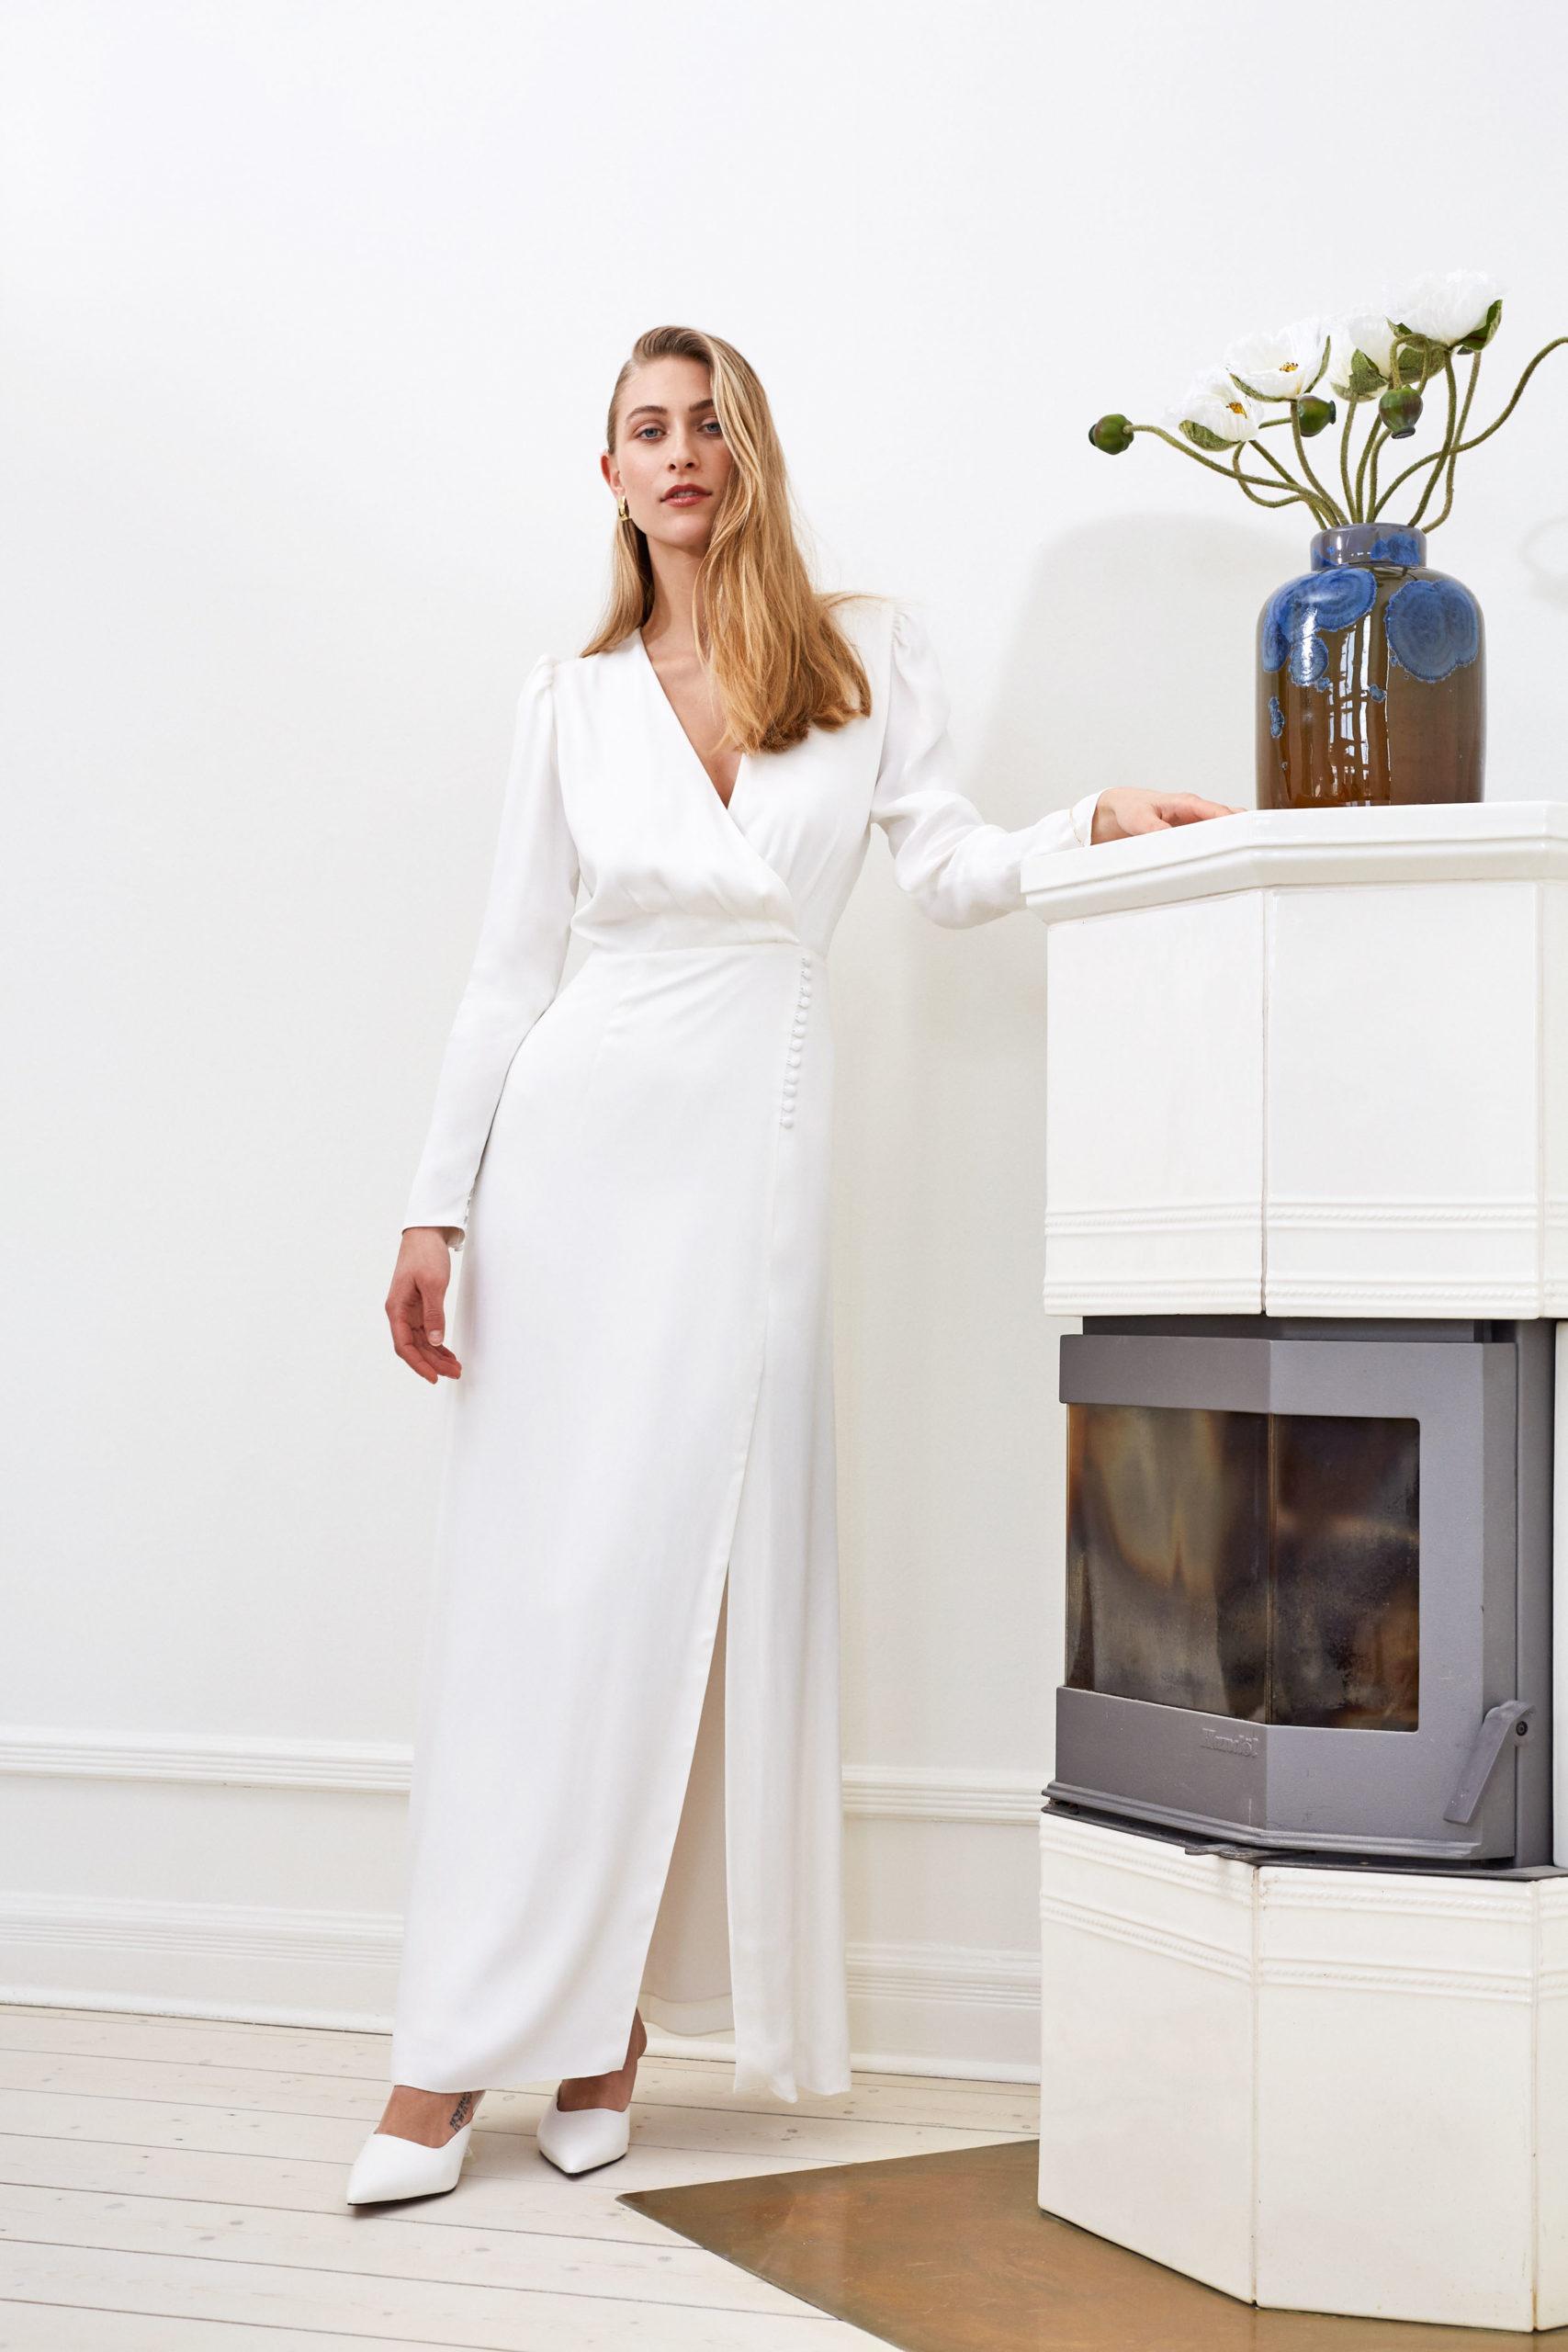 Artemis - Minimalist modern wedding dresses